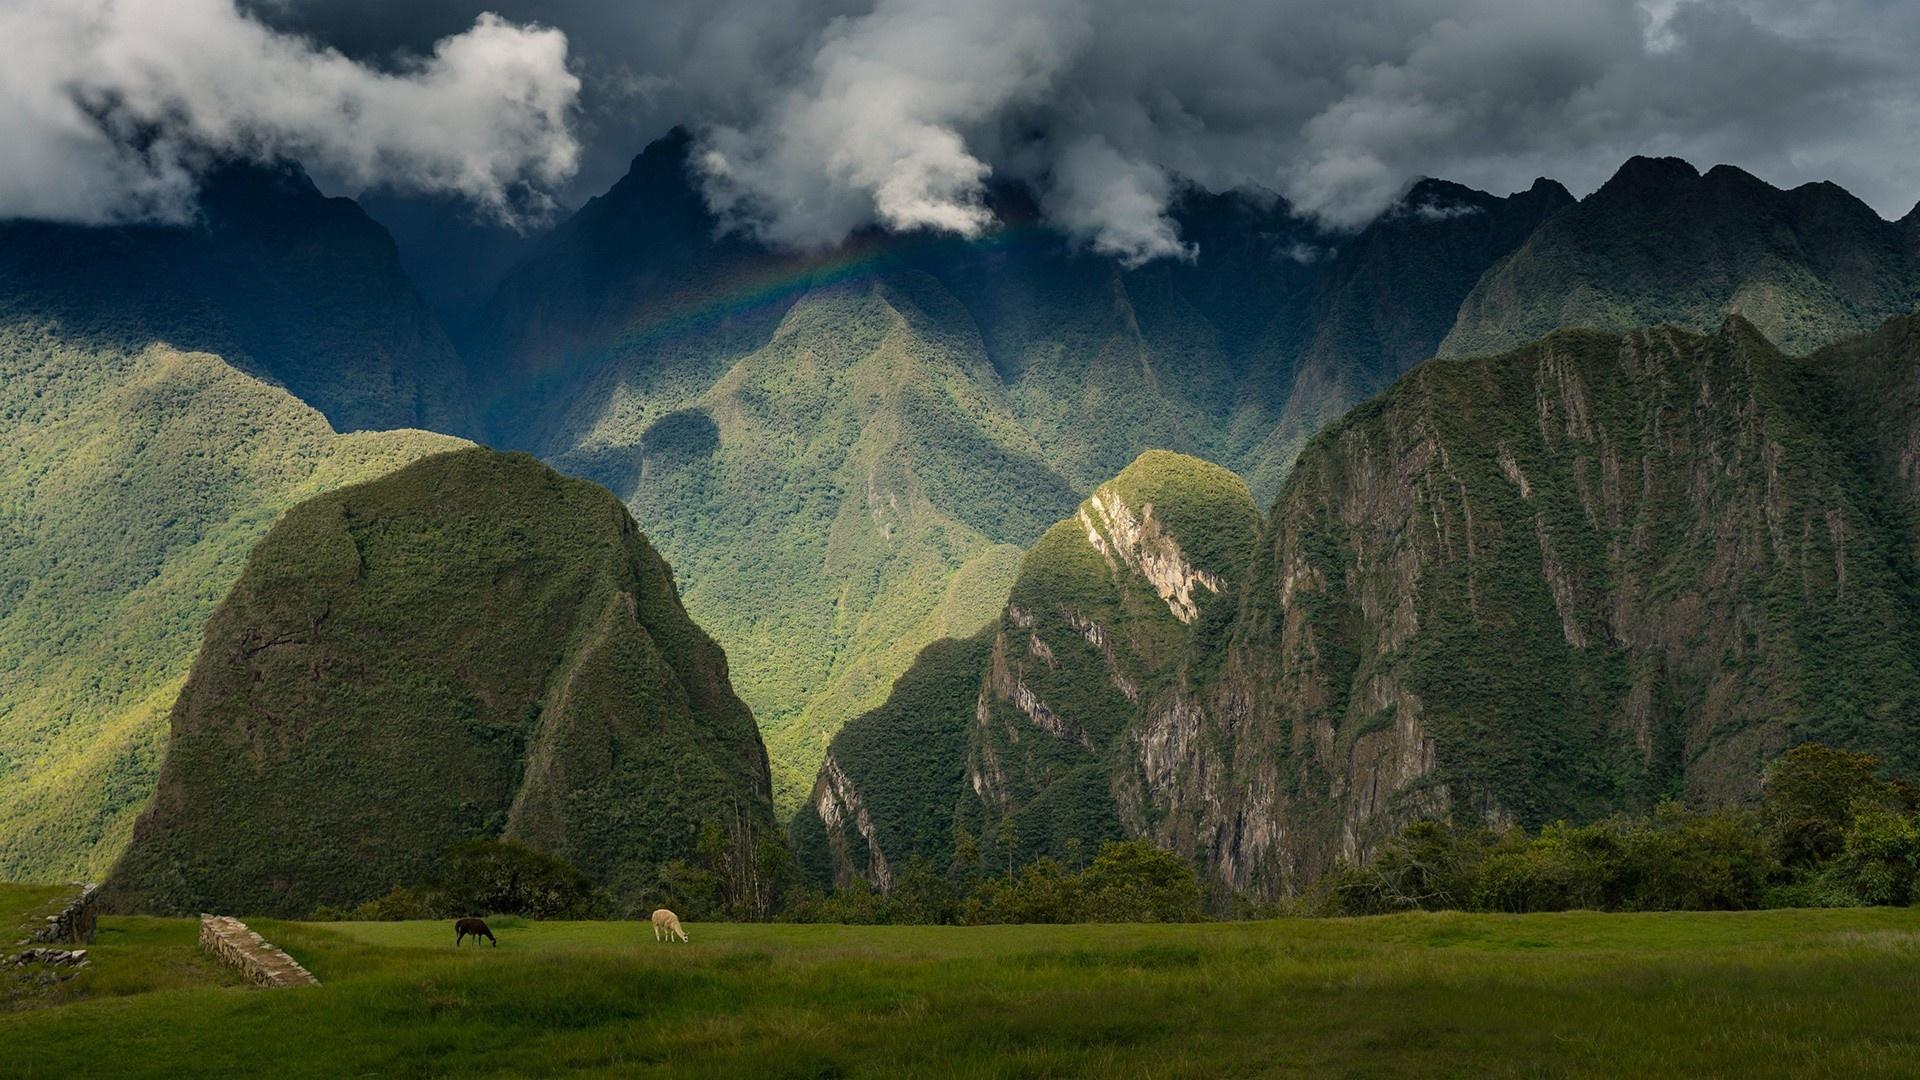 Ecuador Nature wallpaper photo hd